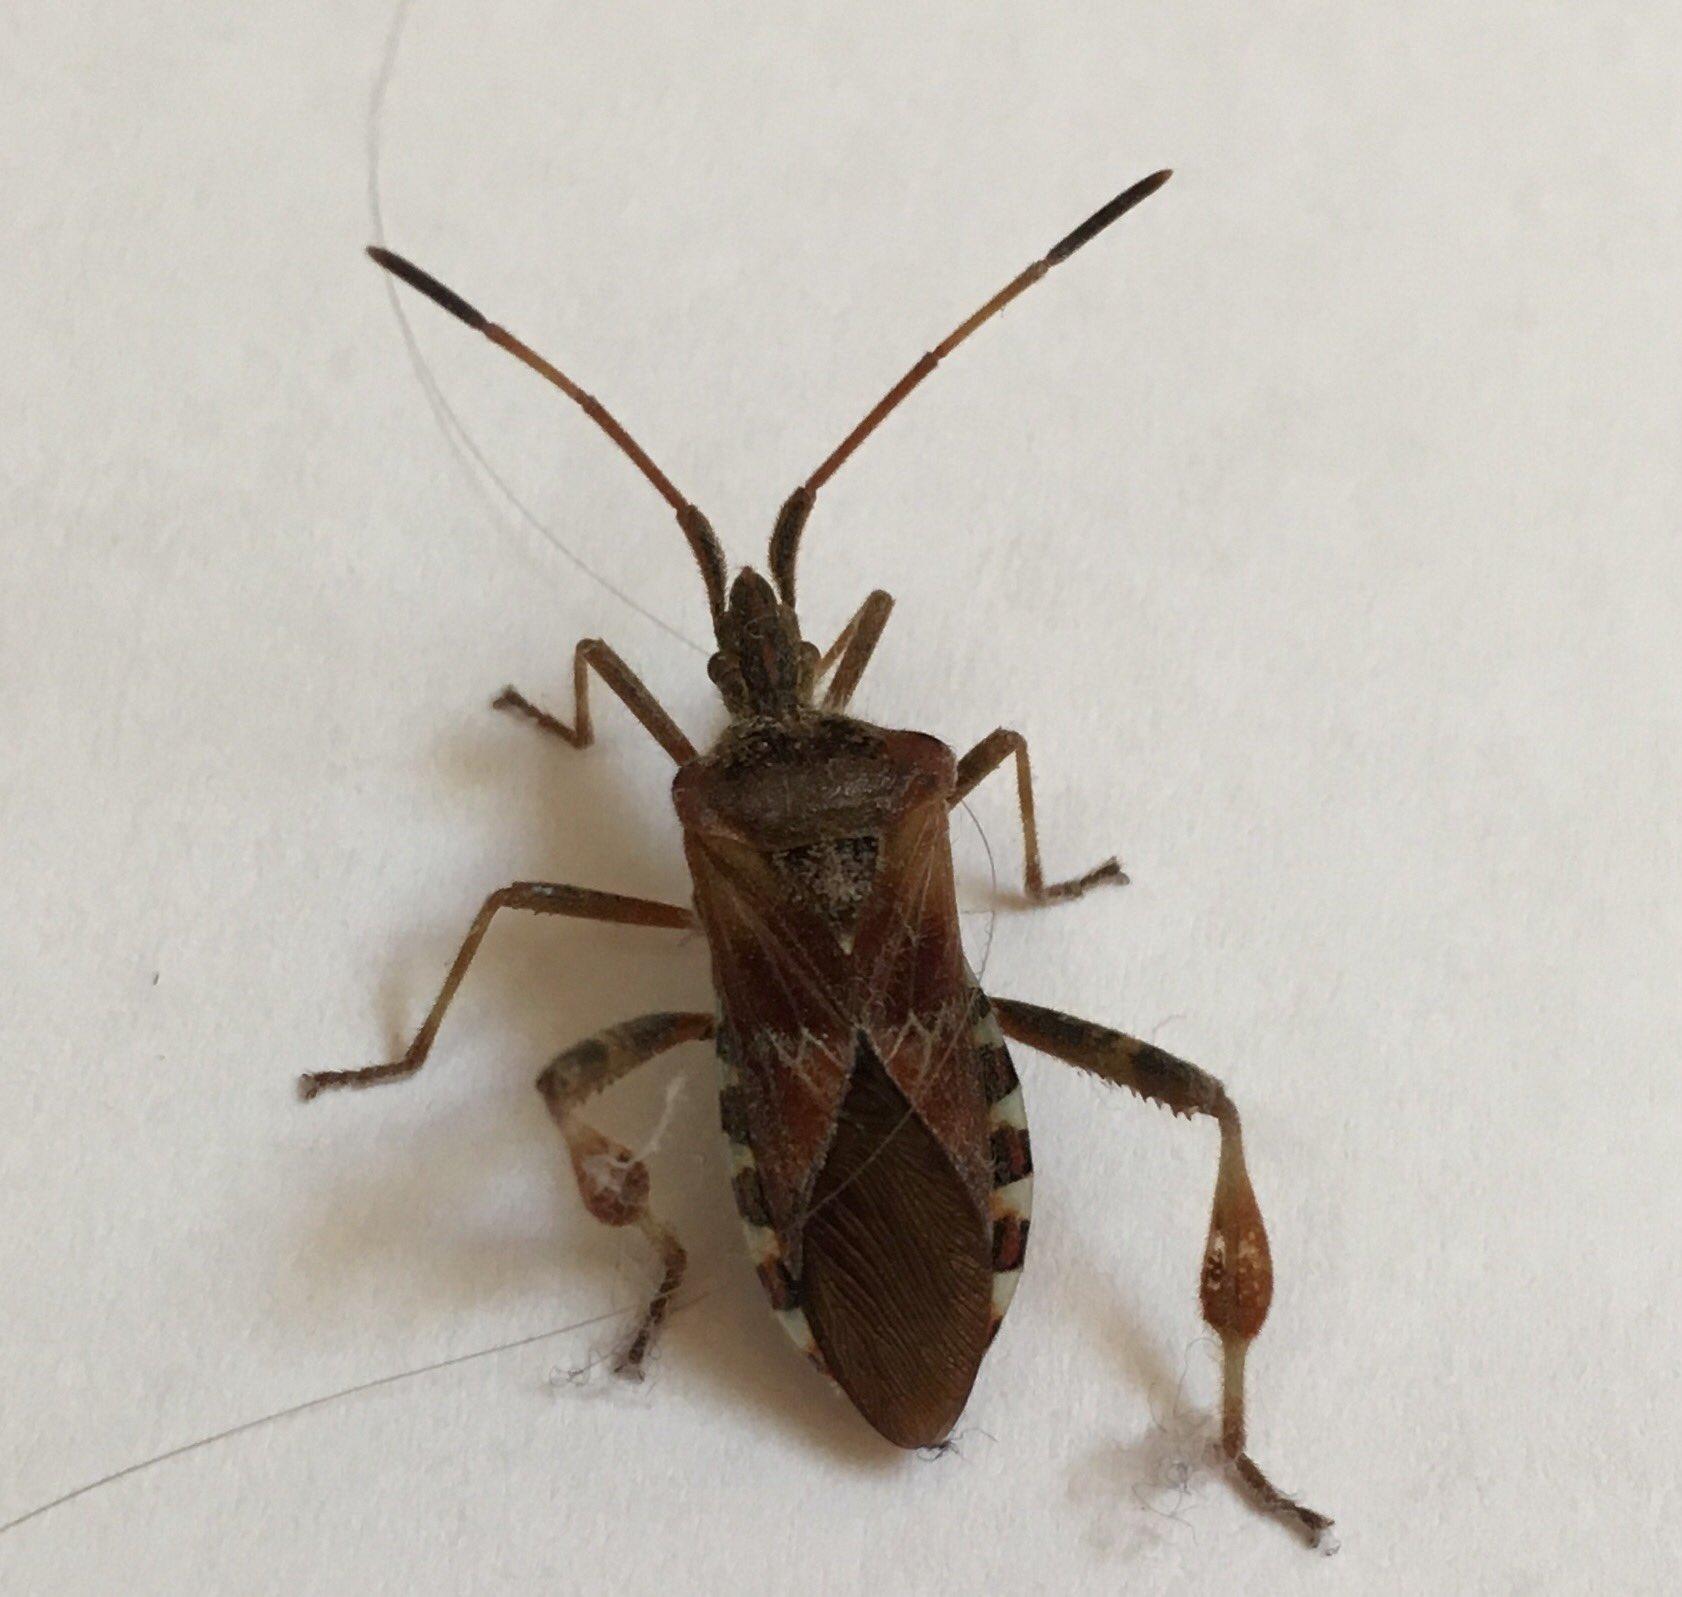 Was für ein Käfer ist das hier auf dem Foto? (Insekten, erkennung)